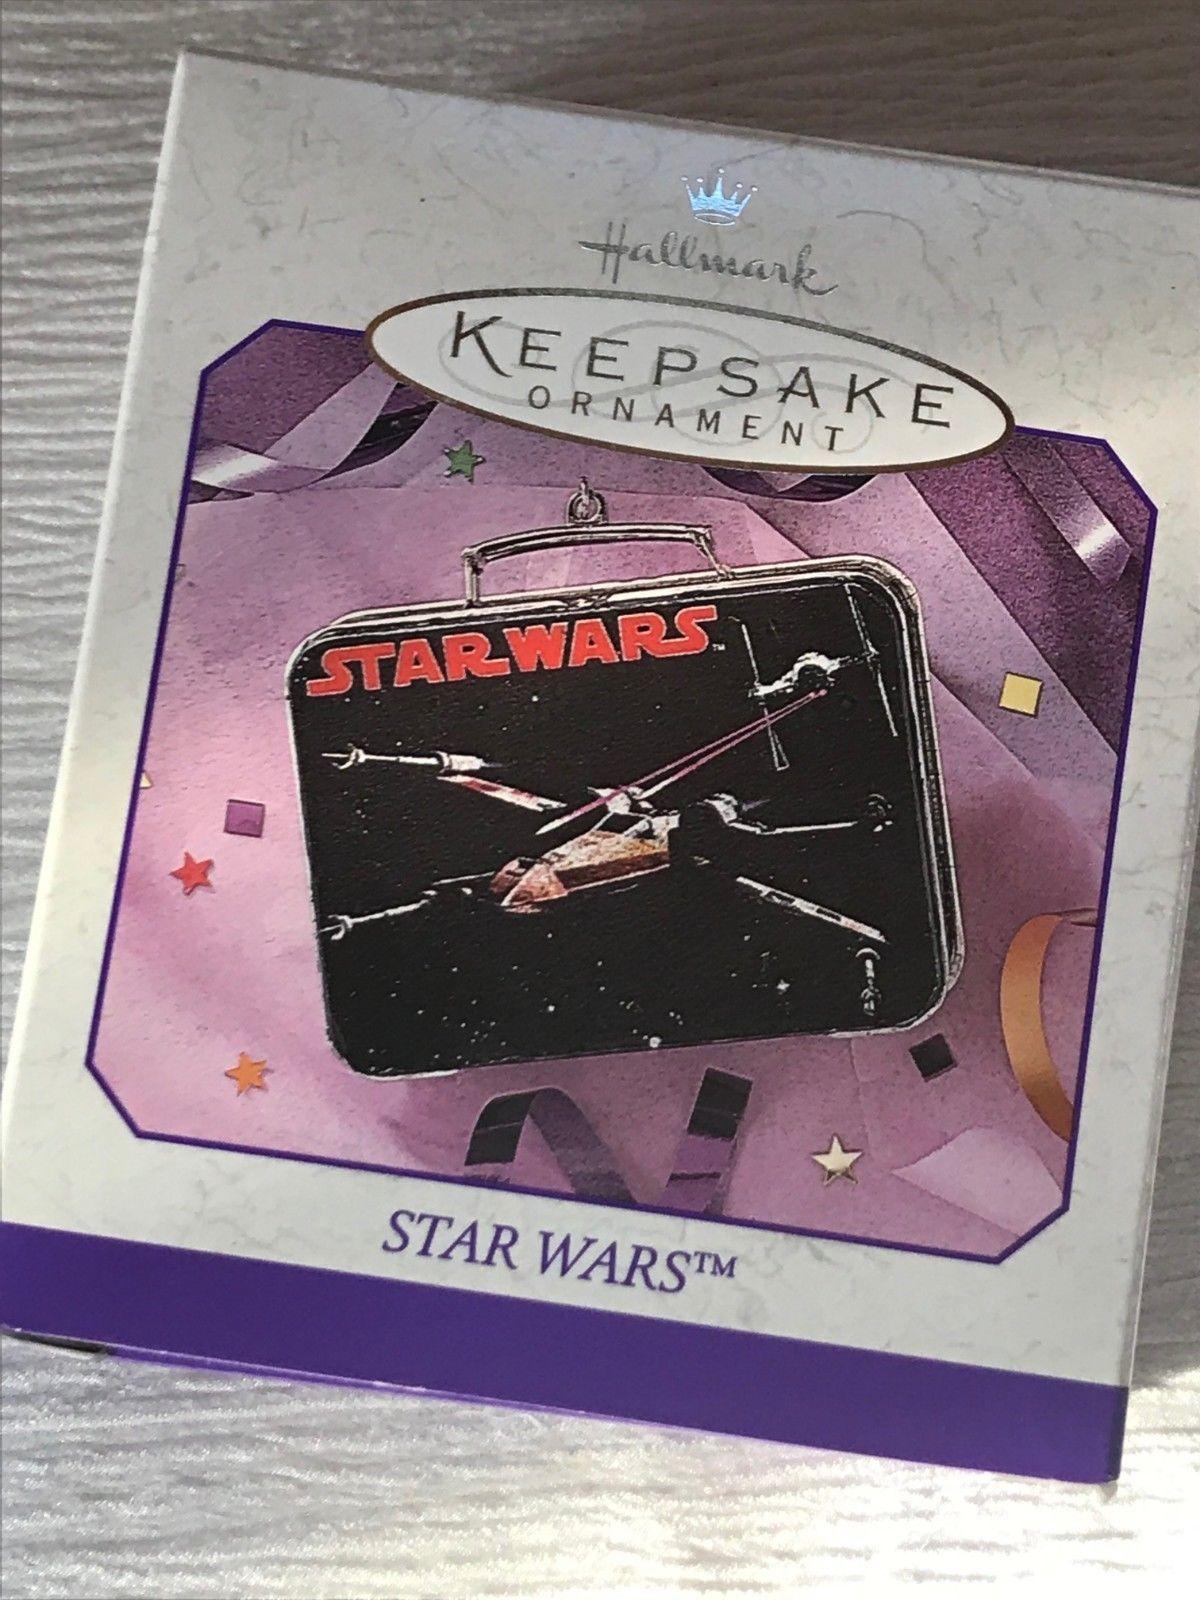 Hallmark Star Wars Black Mini Lunch Box Replica 1998 Christmas Tree Ornament in